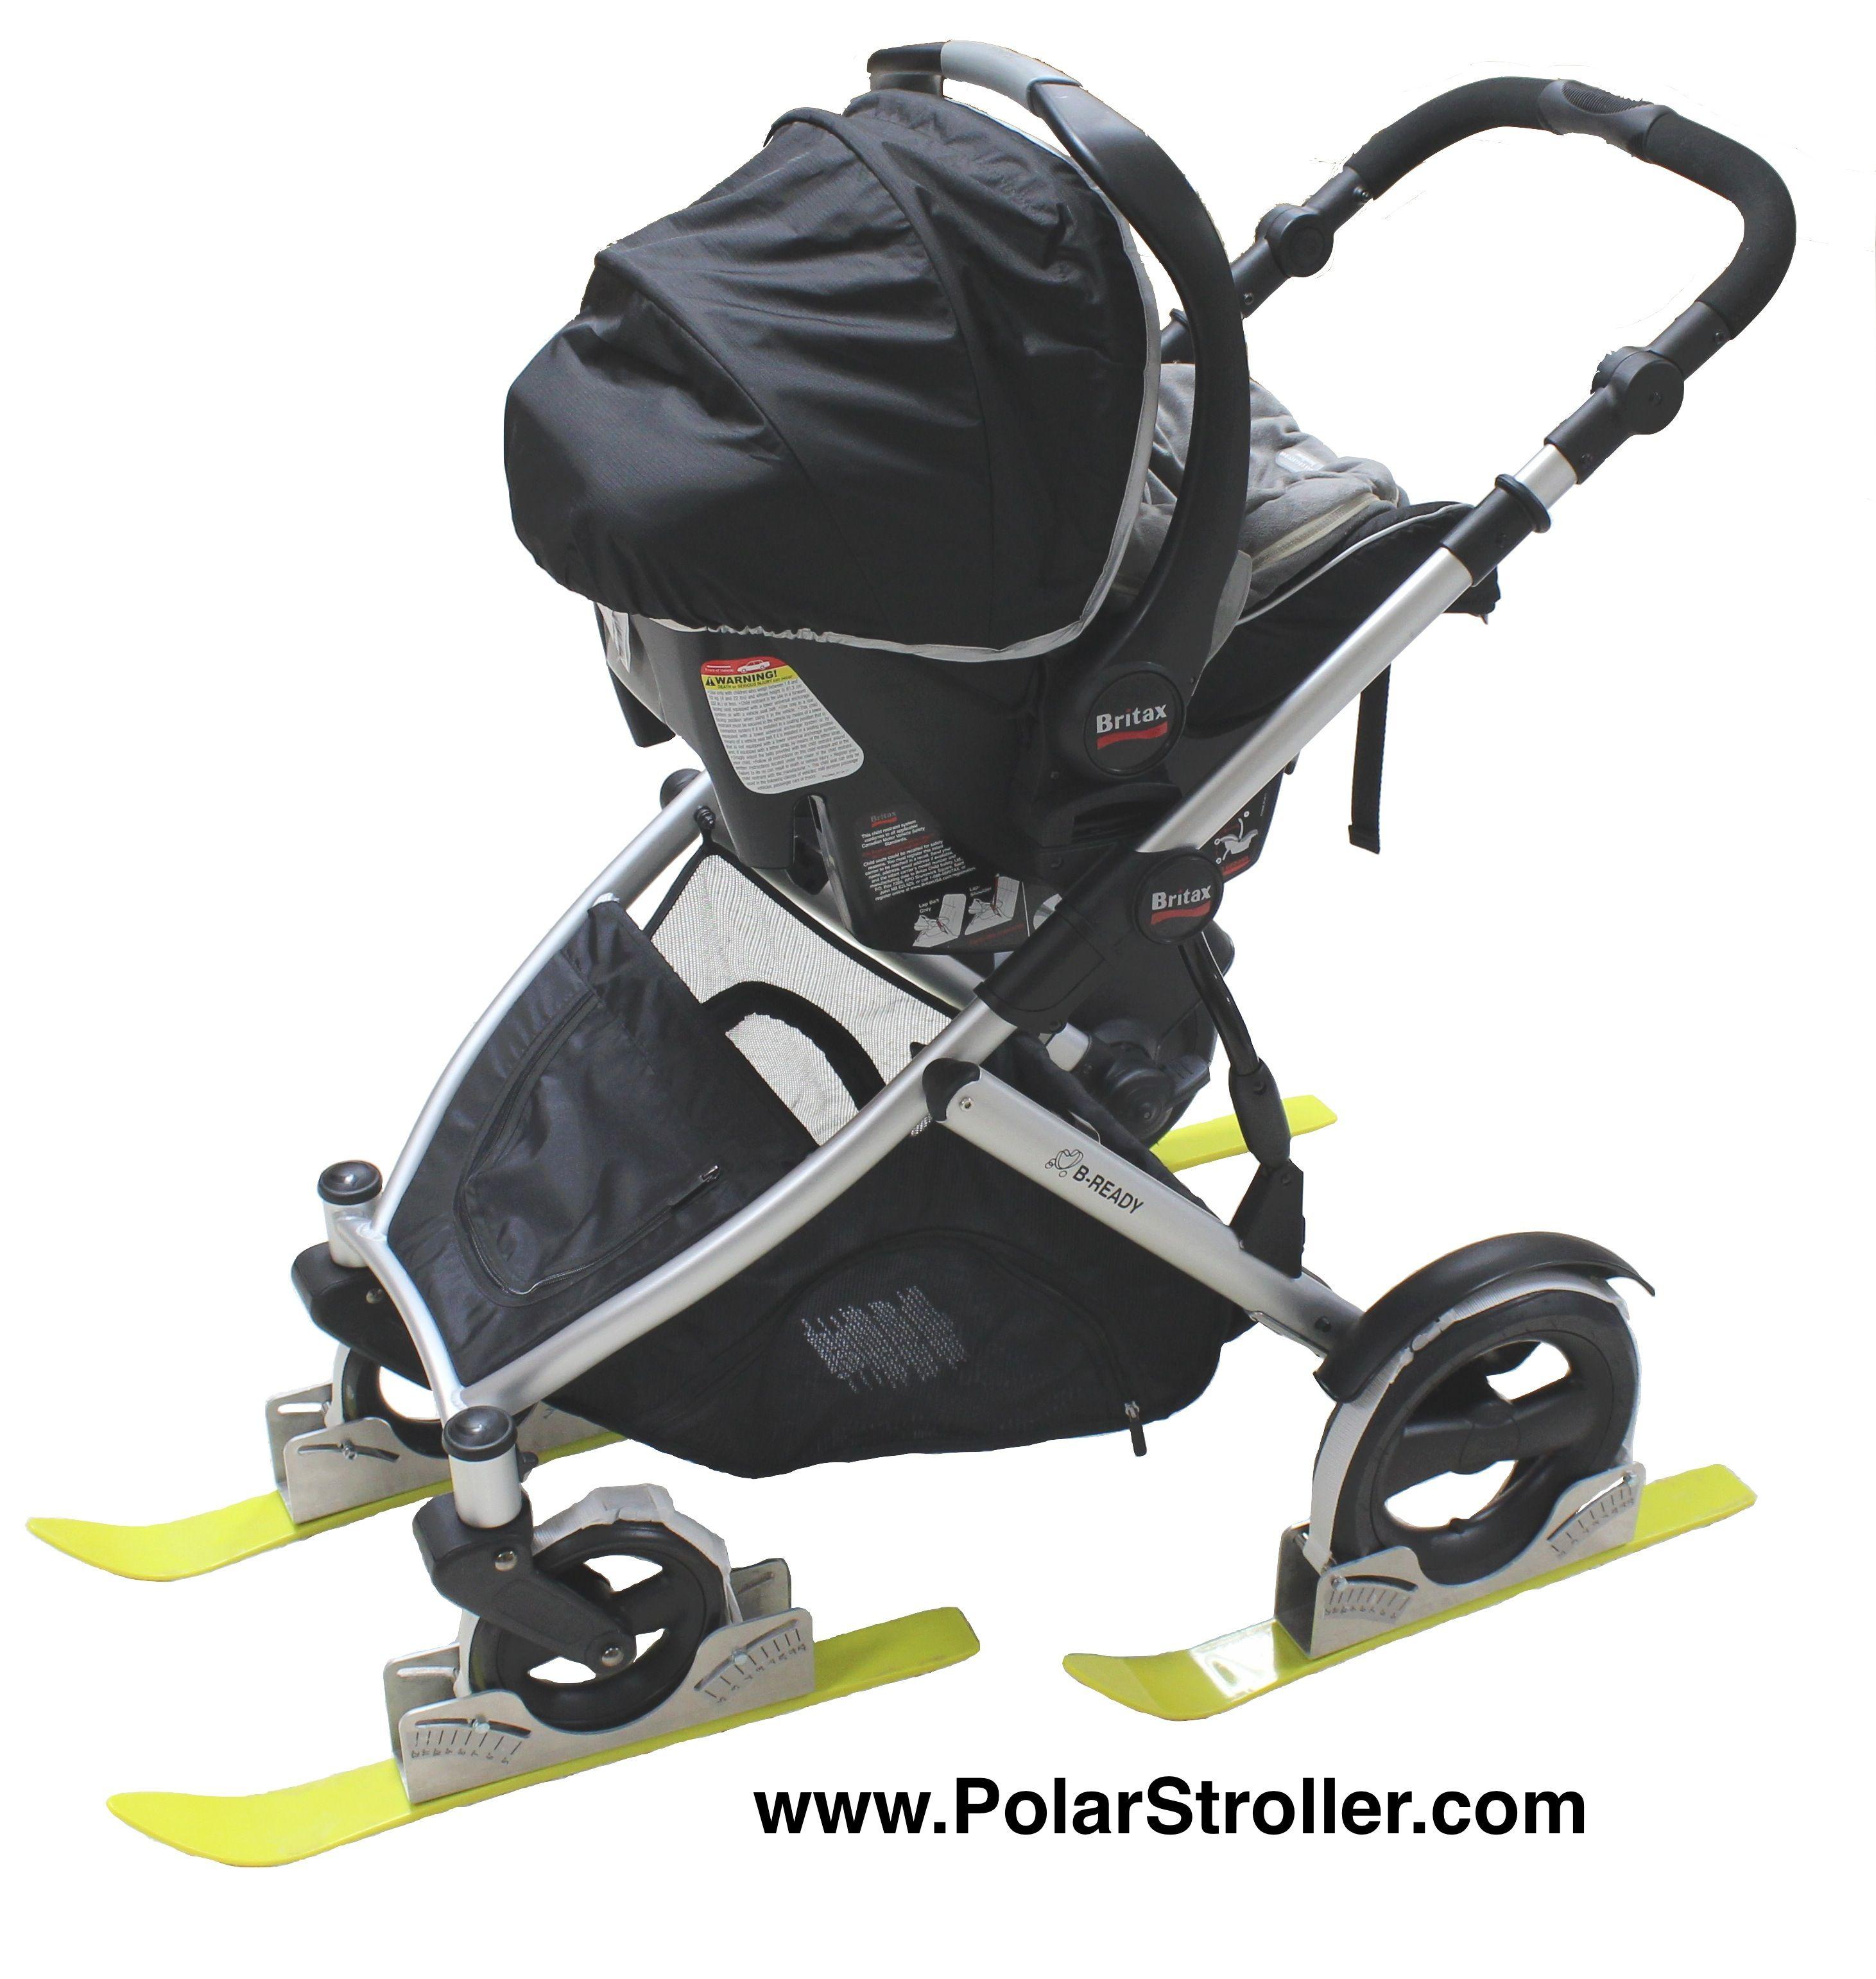 Stroller Skis for a 4 wheel stroller Stroller, Bike